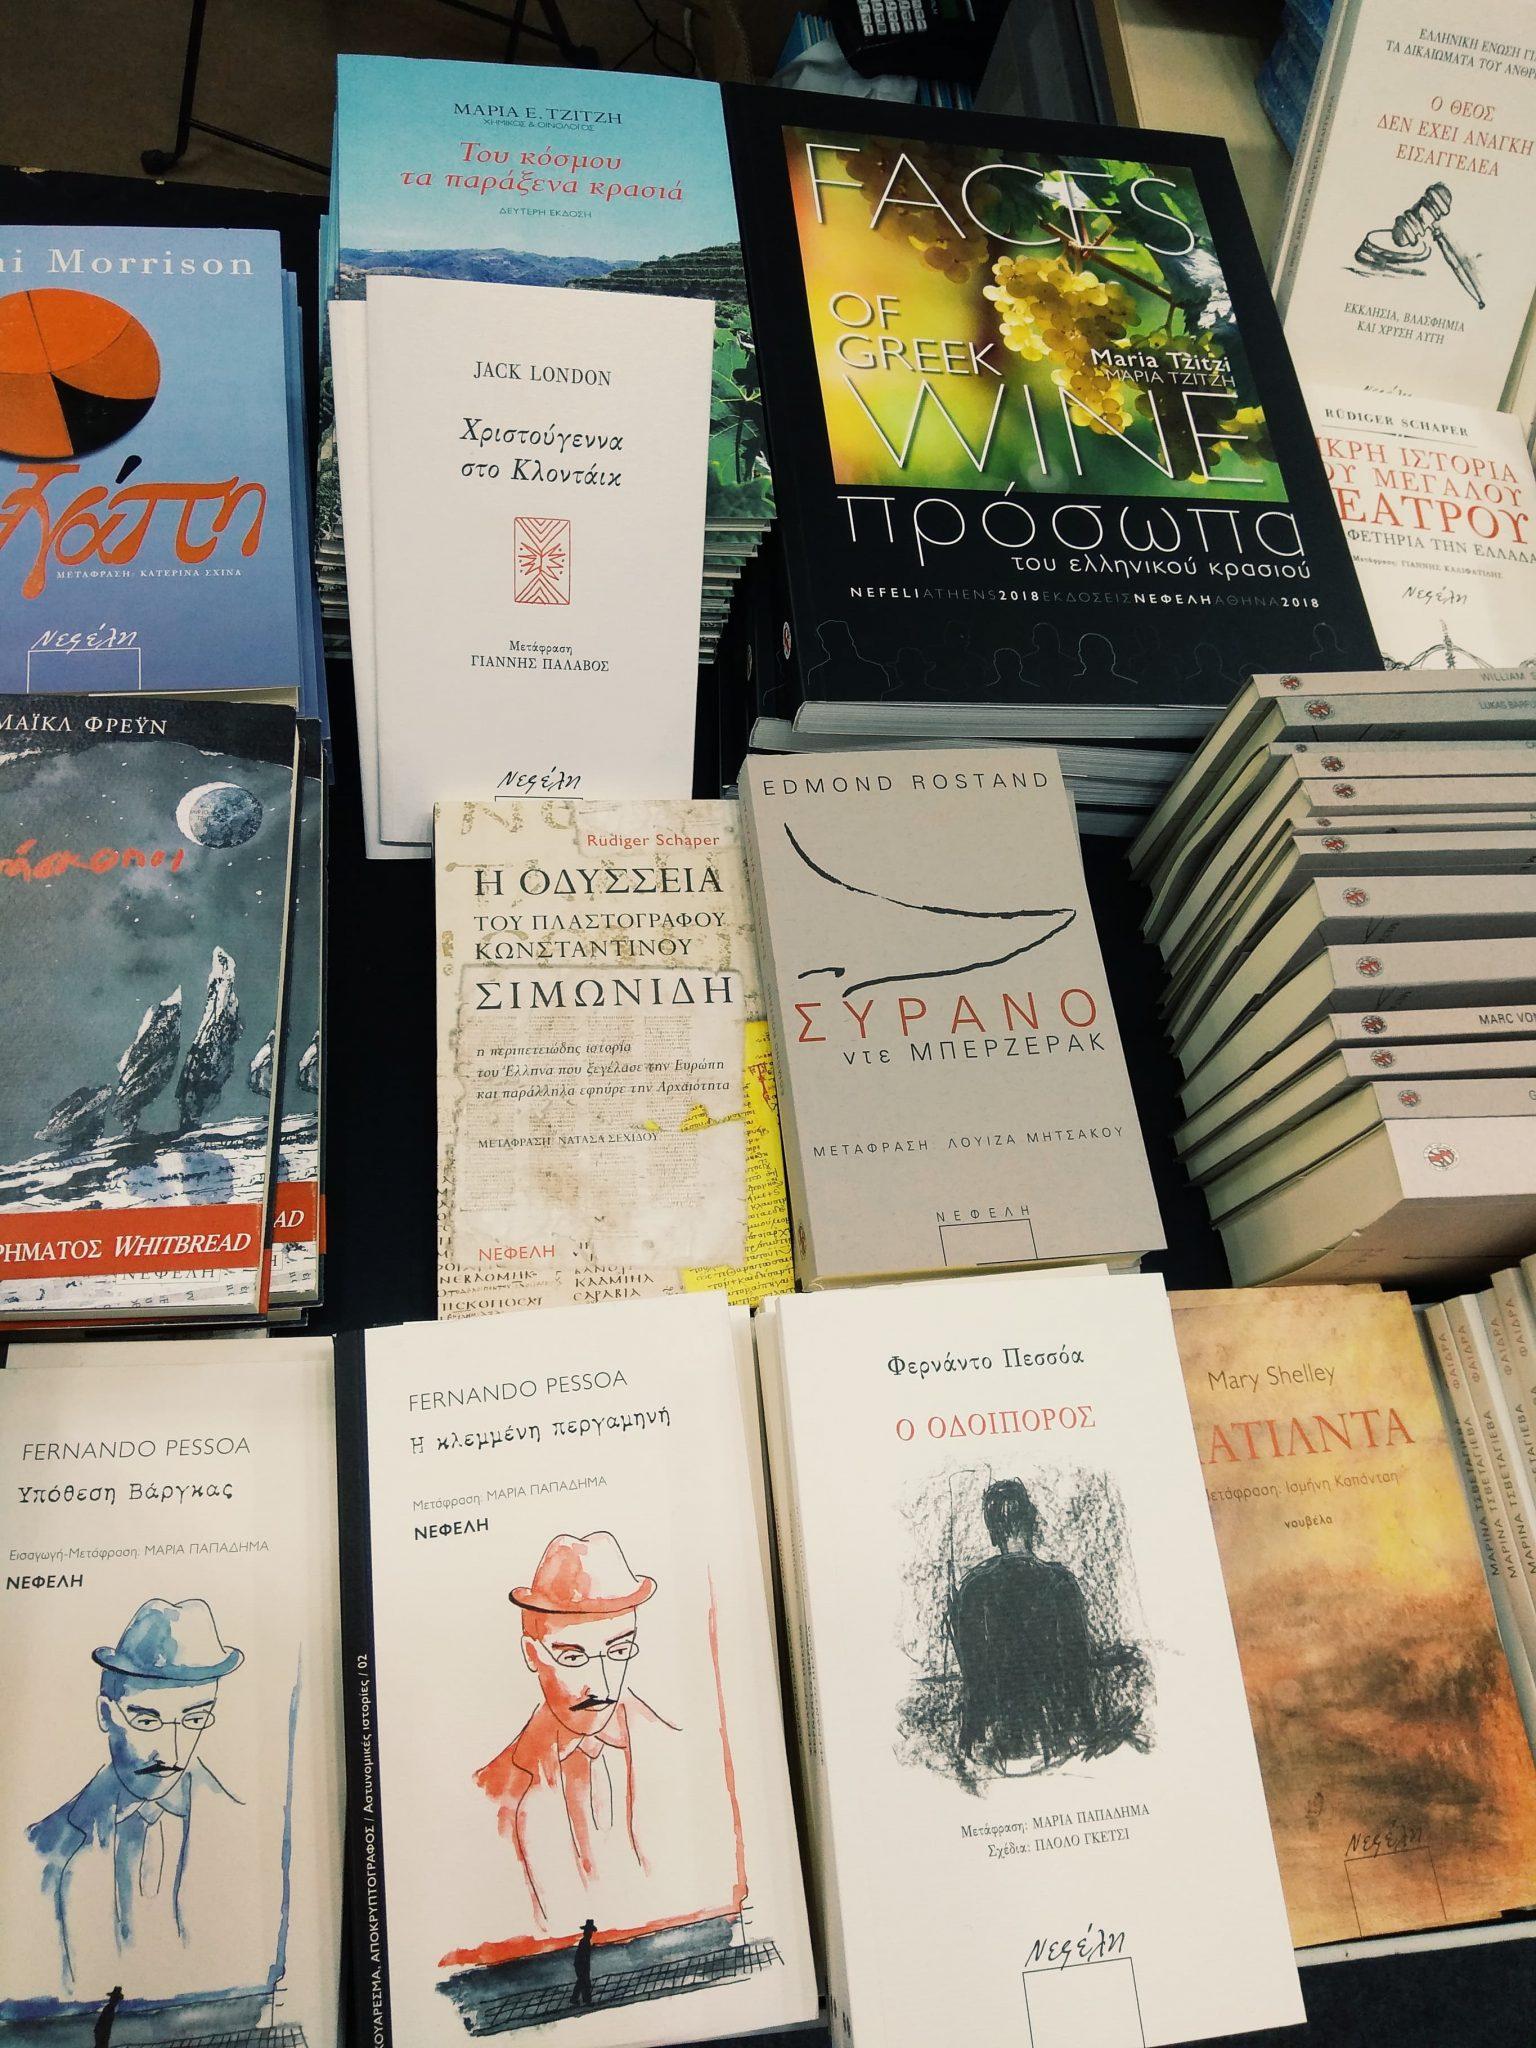 Μια ματιά στην 16η Διεθνή Έκθεση Βιβλίου Θεσσαλονίκης